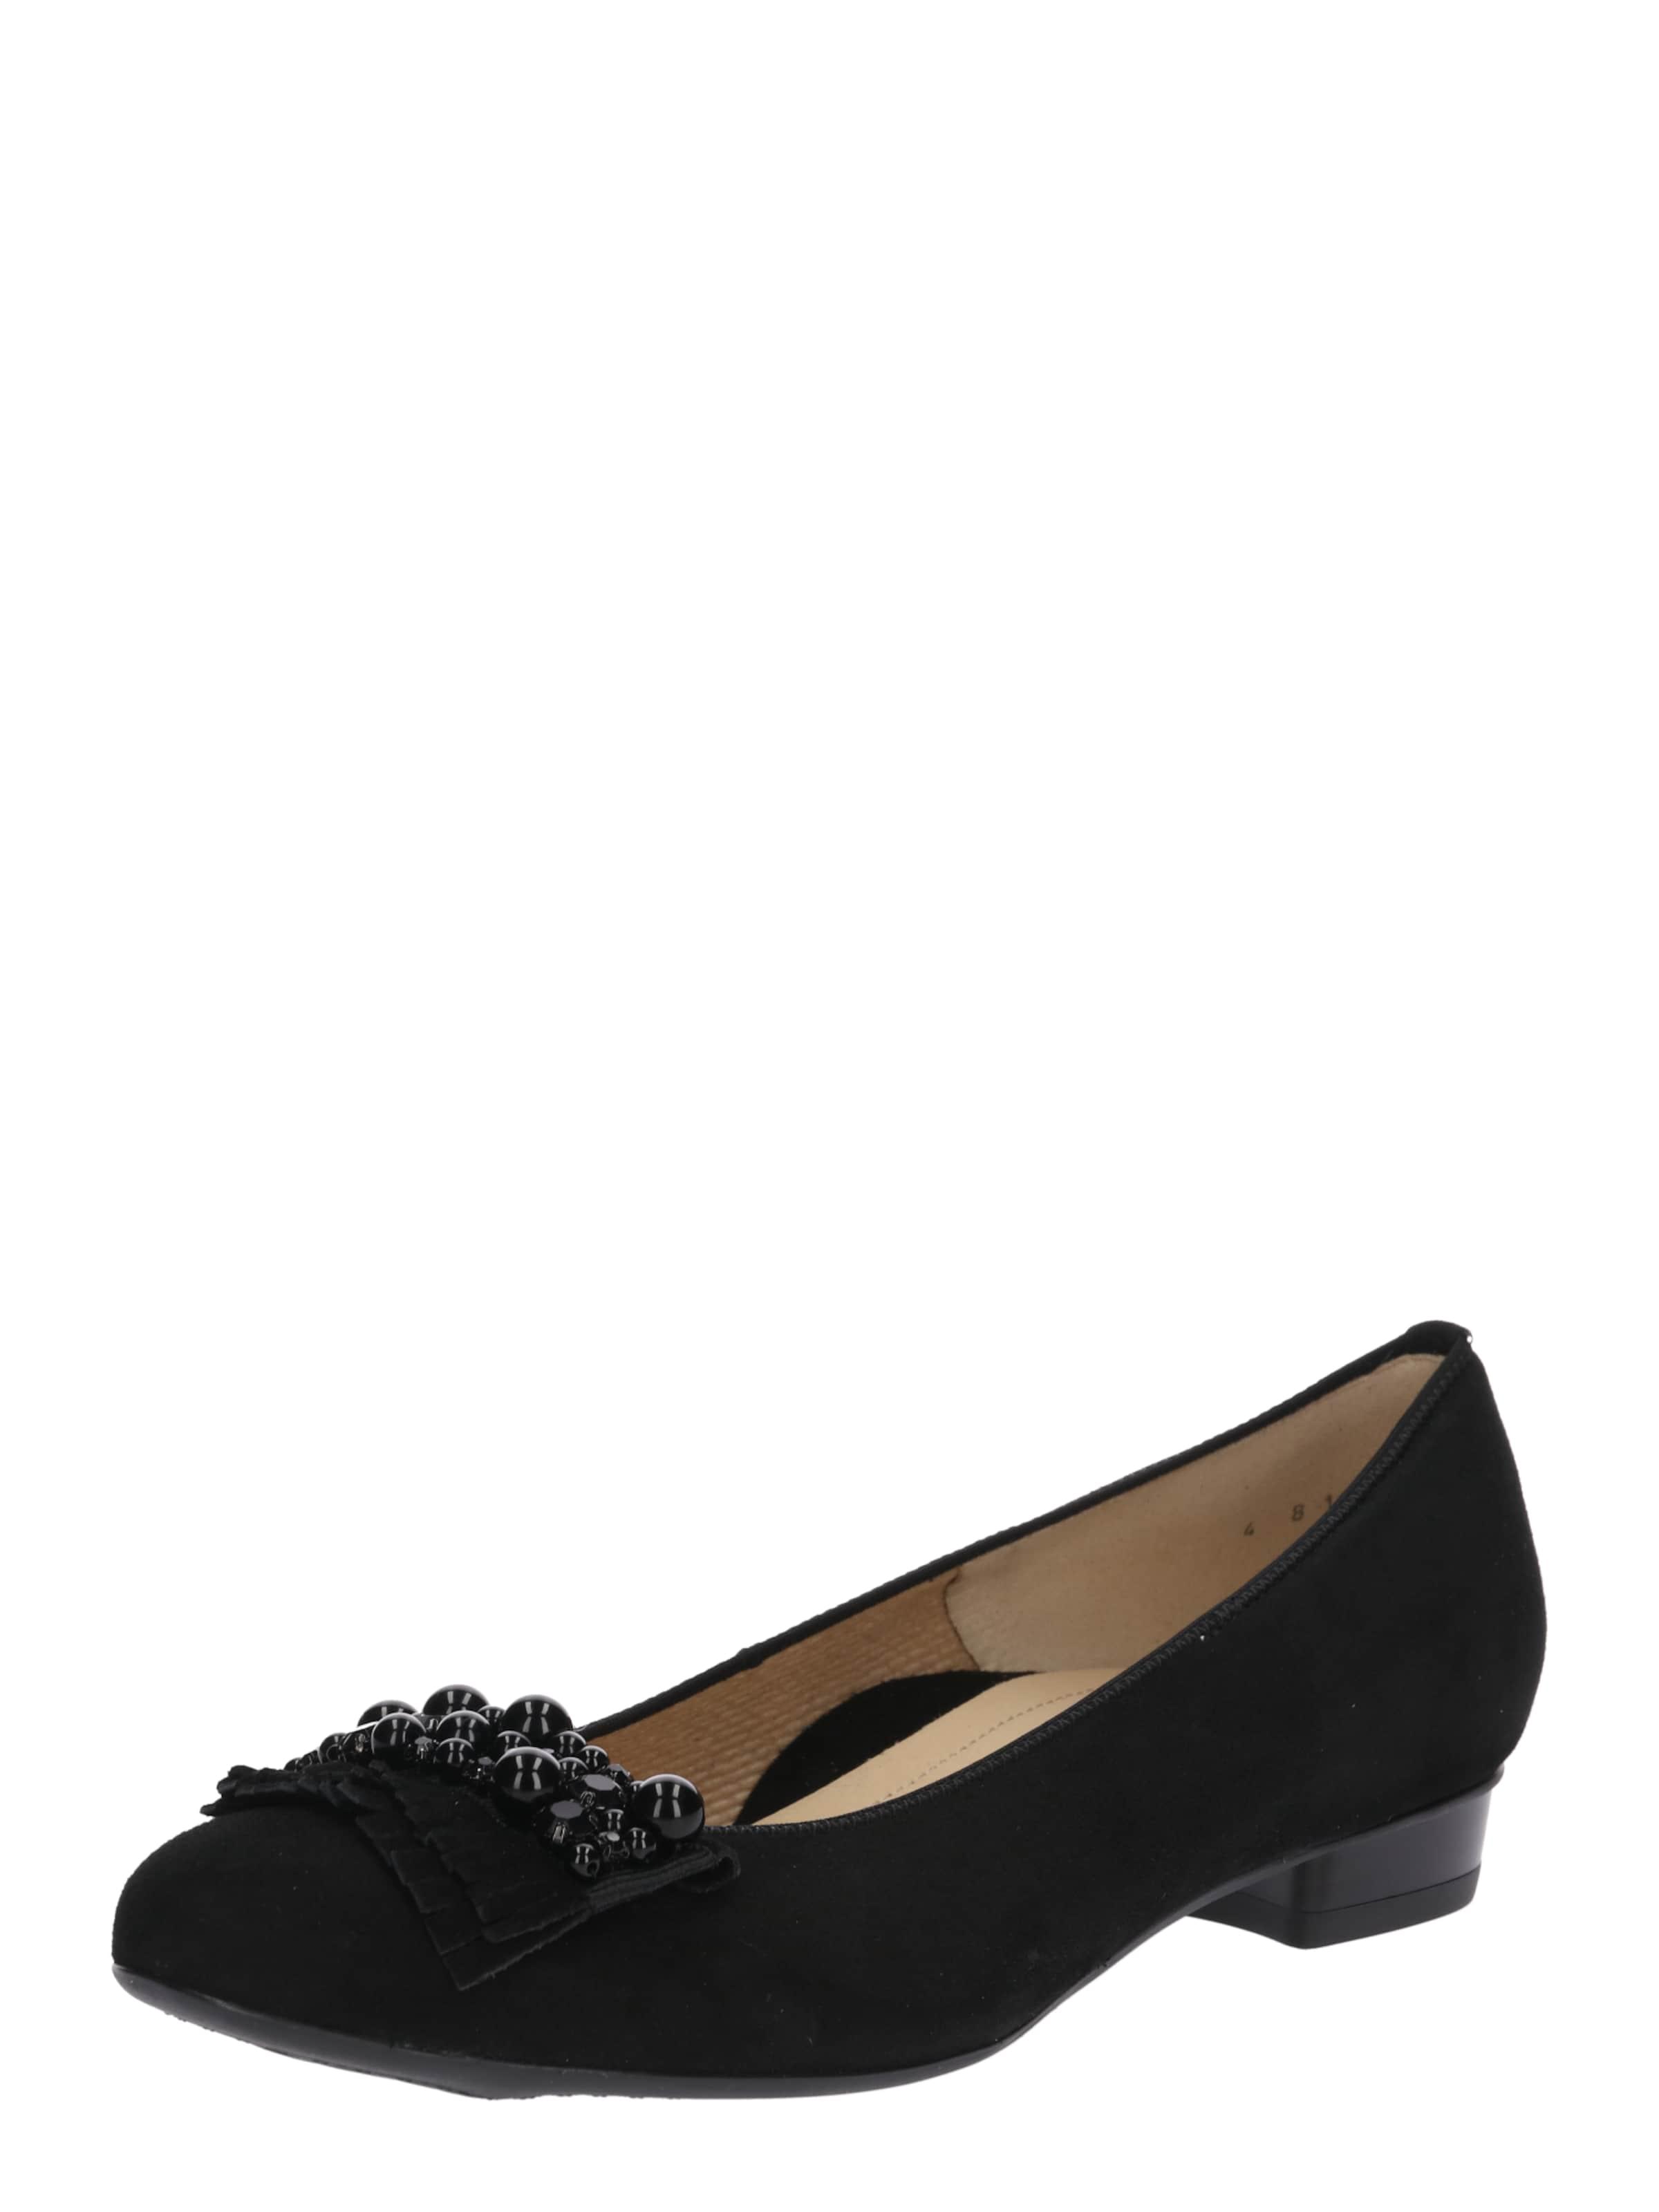 ARA Ballerinas Bari billige Verschleißfeste billige Bari Schuhe 88a359